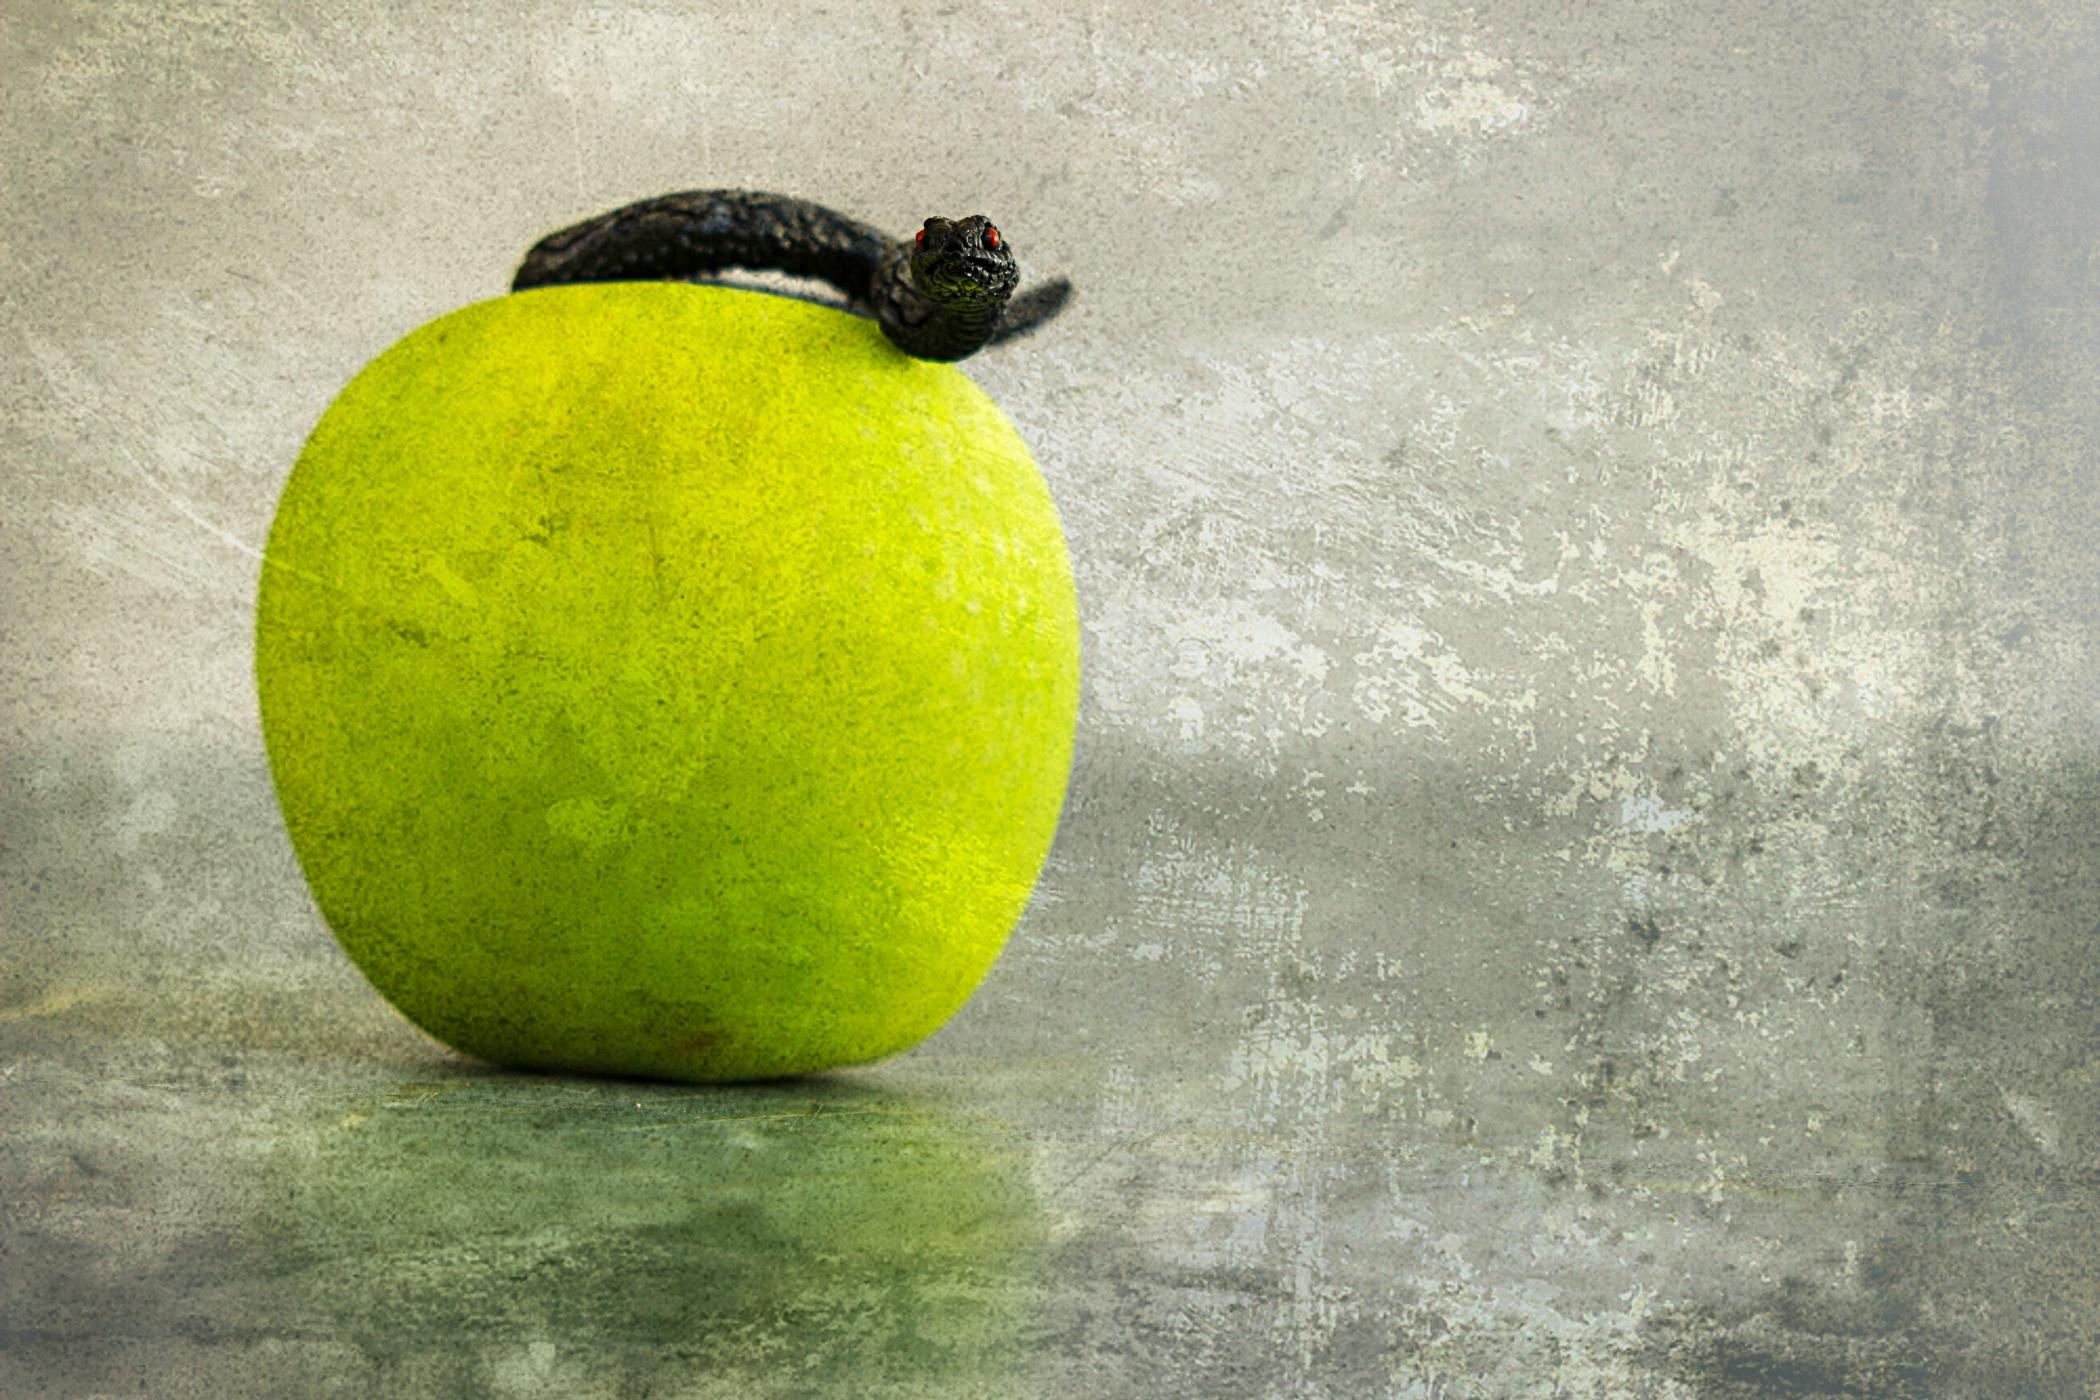 Apfel und Schlange